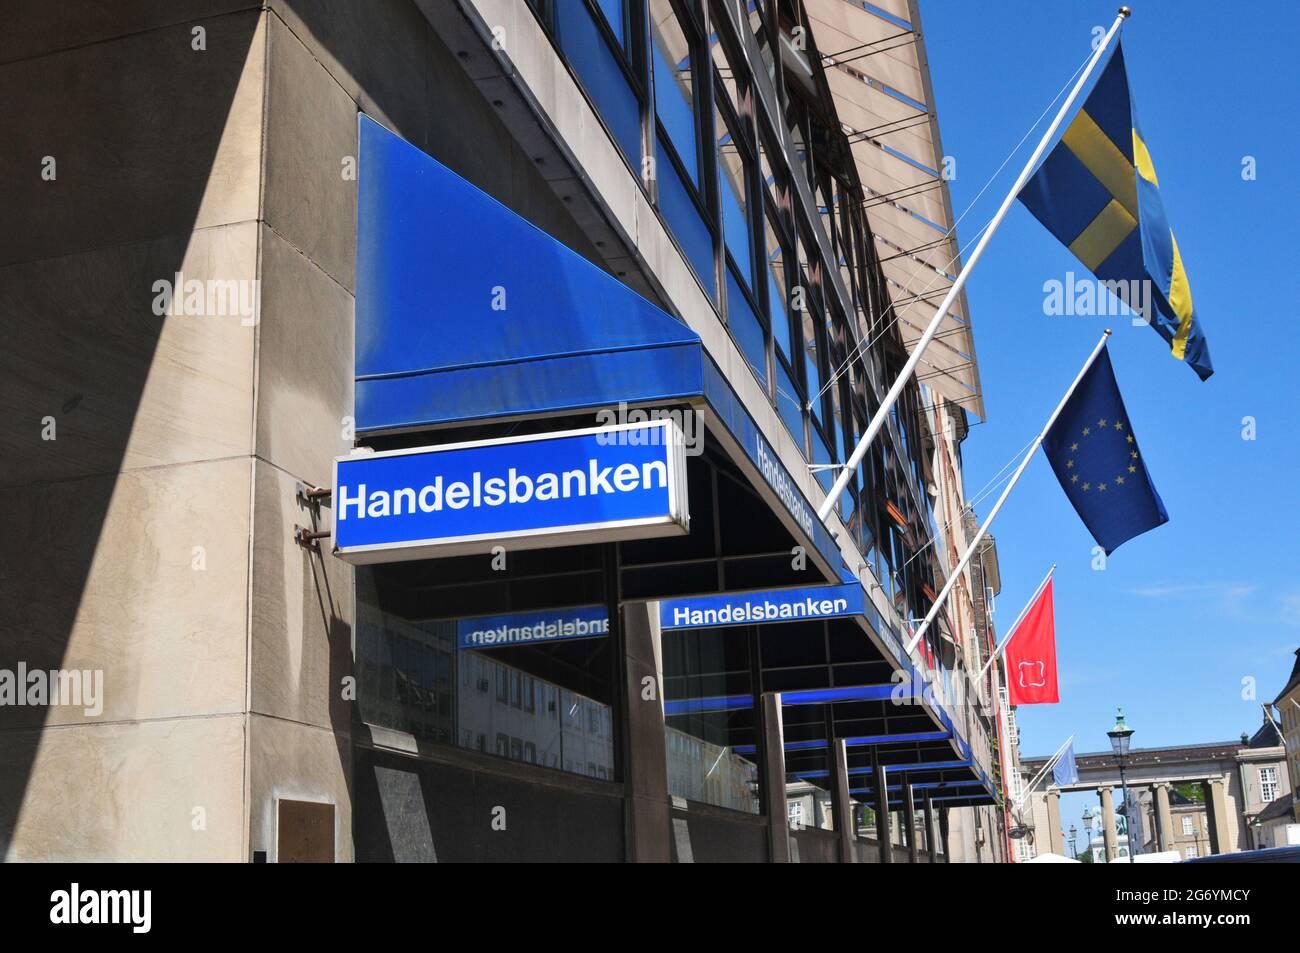 Kopenhagen /Dänemark./ 14.Juni 2019/ .die schwedische Botschaft und die schwedischen Handelsbanken haben ihre Adresse im selben Gebäude Amaliengade in Kopenhagen Dänemark und die schwedischen Flaggen fliegen mit der blauen EU-Flagge und dem Stern auf dem Gebäude in Kopenhagen Dänemark. (Foto..Francis Dean / Deanpices. Stockfoto